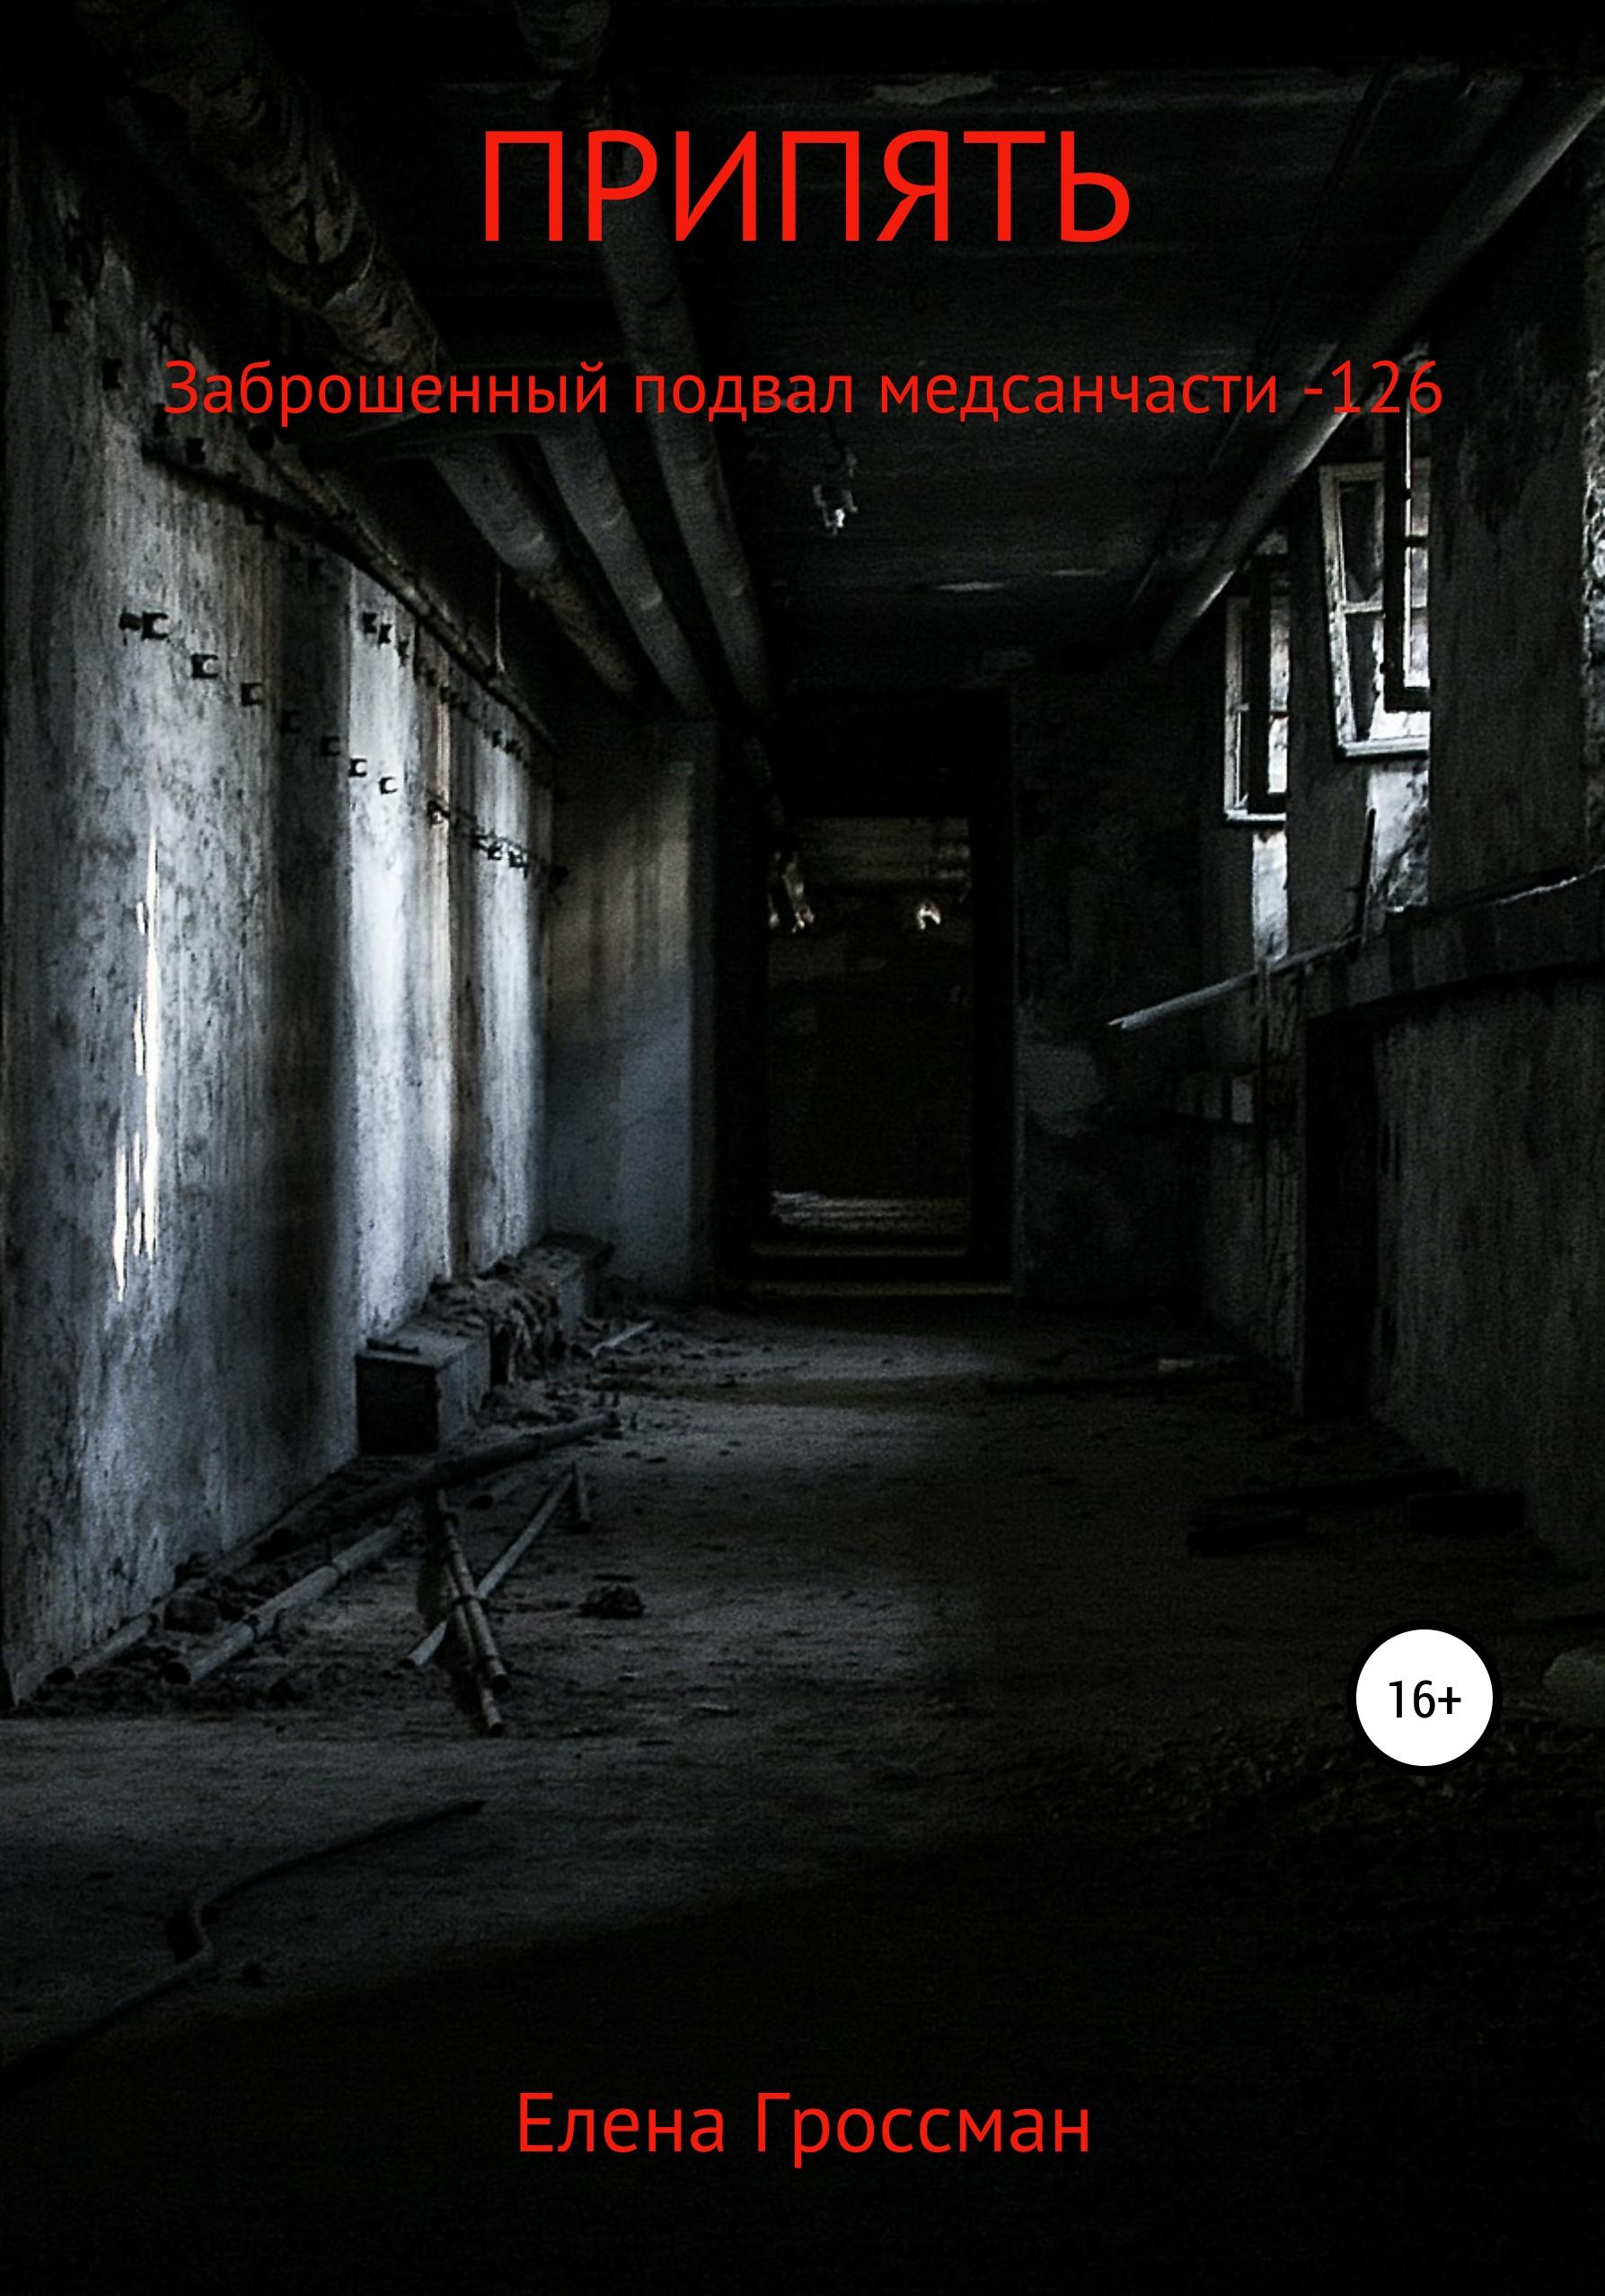 Купить книгу ЧЕРНОБiЛЬ. Подвал медсанчасти -126, автора Елены Гроссман